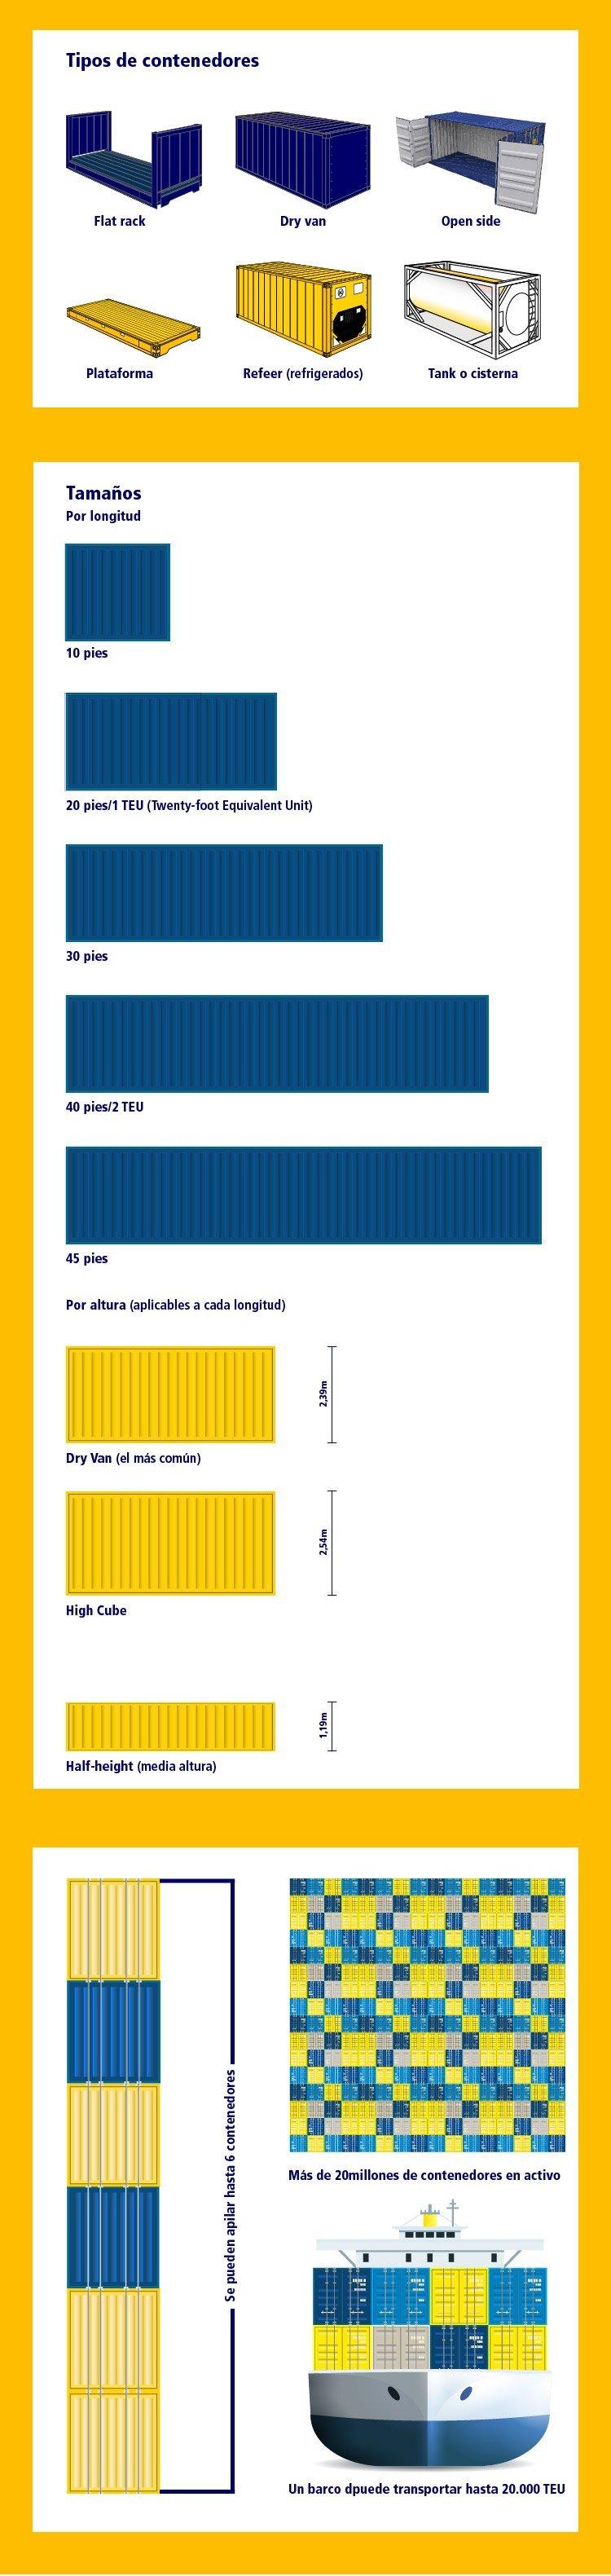 infografia contenedores maritimos tipologia tamaños y otros datos